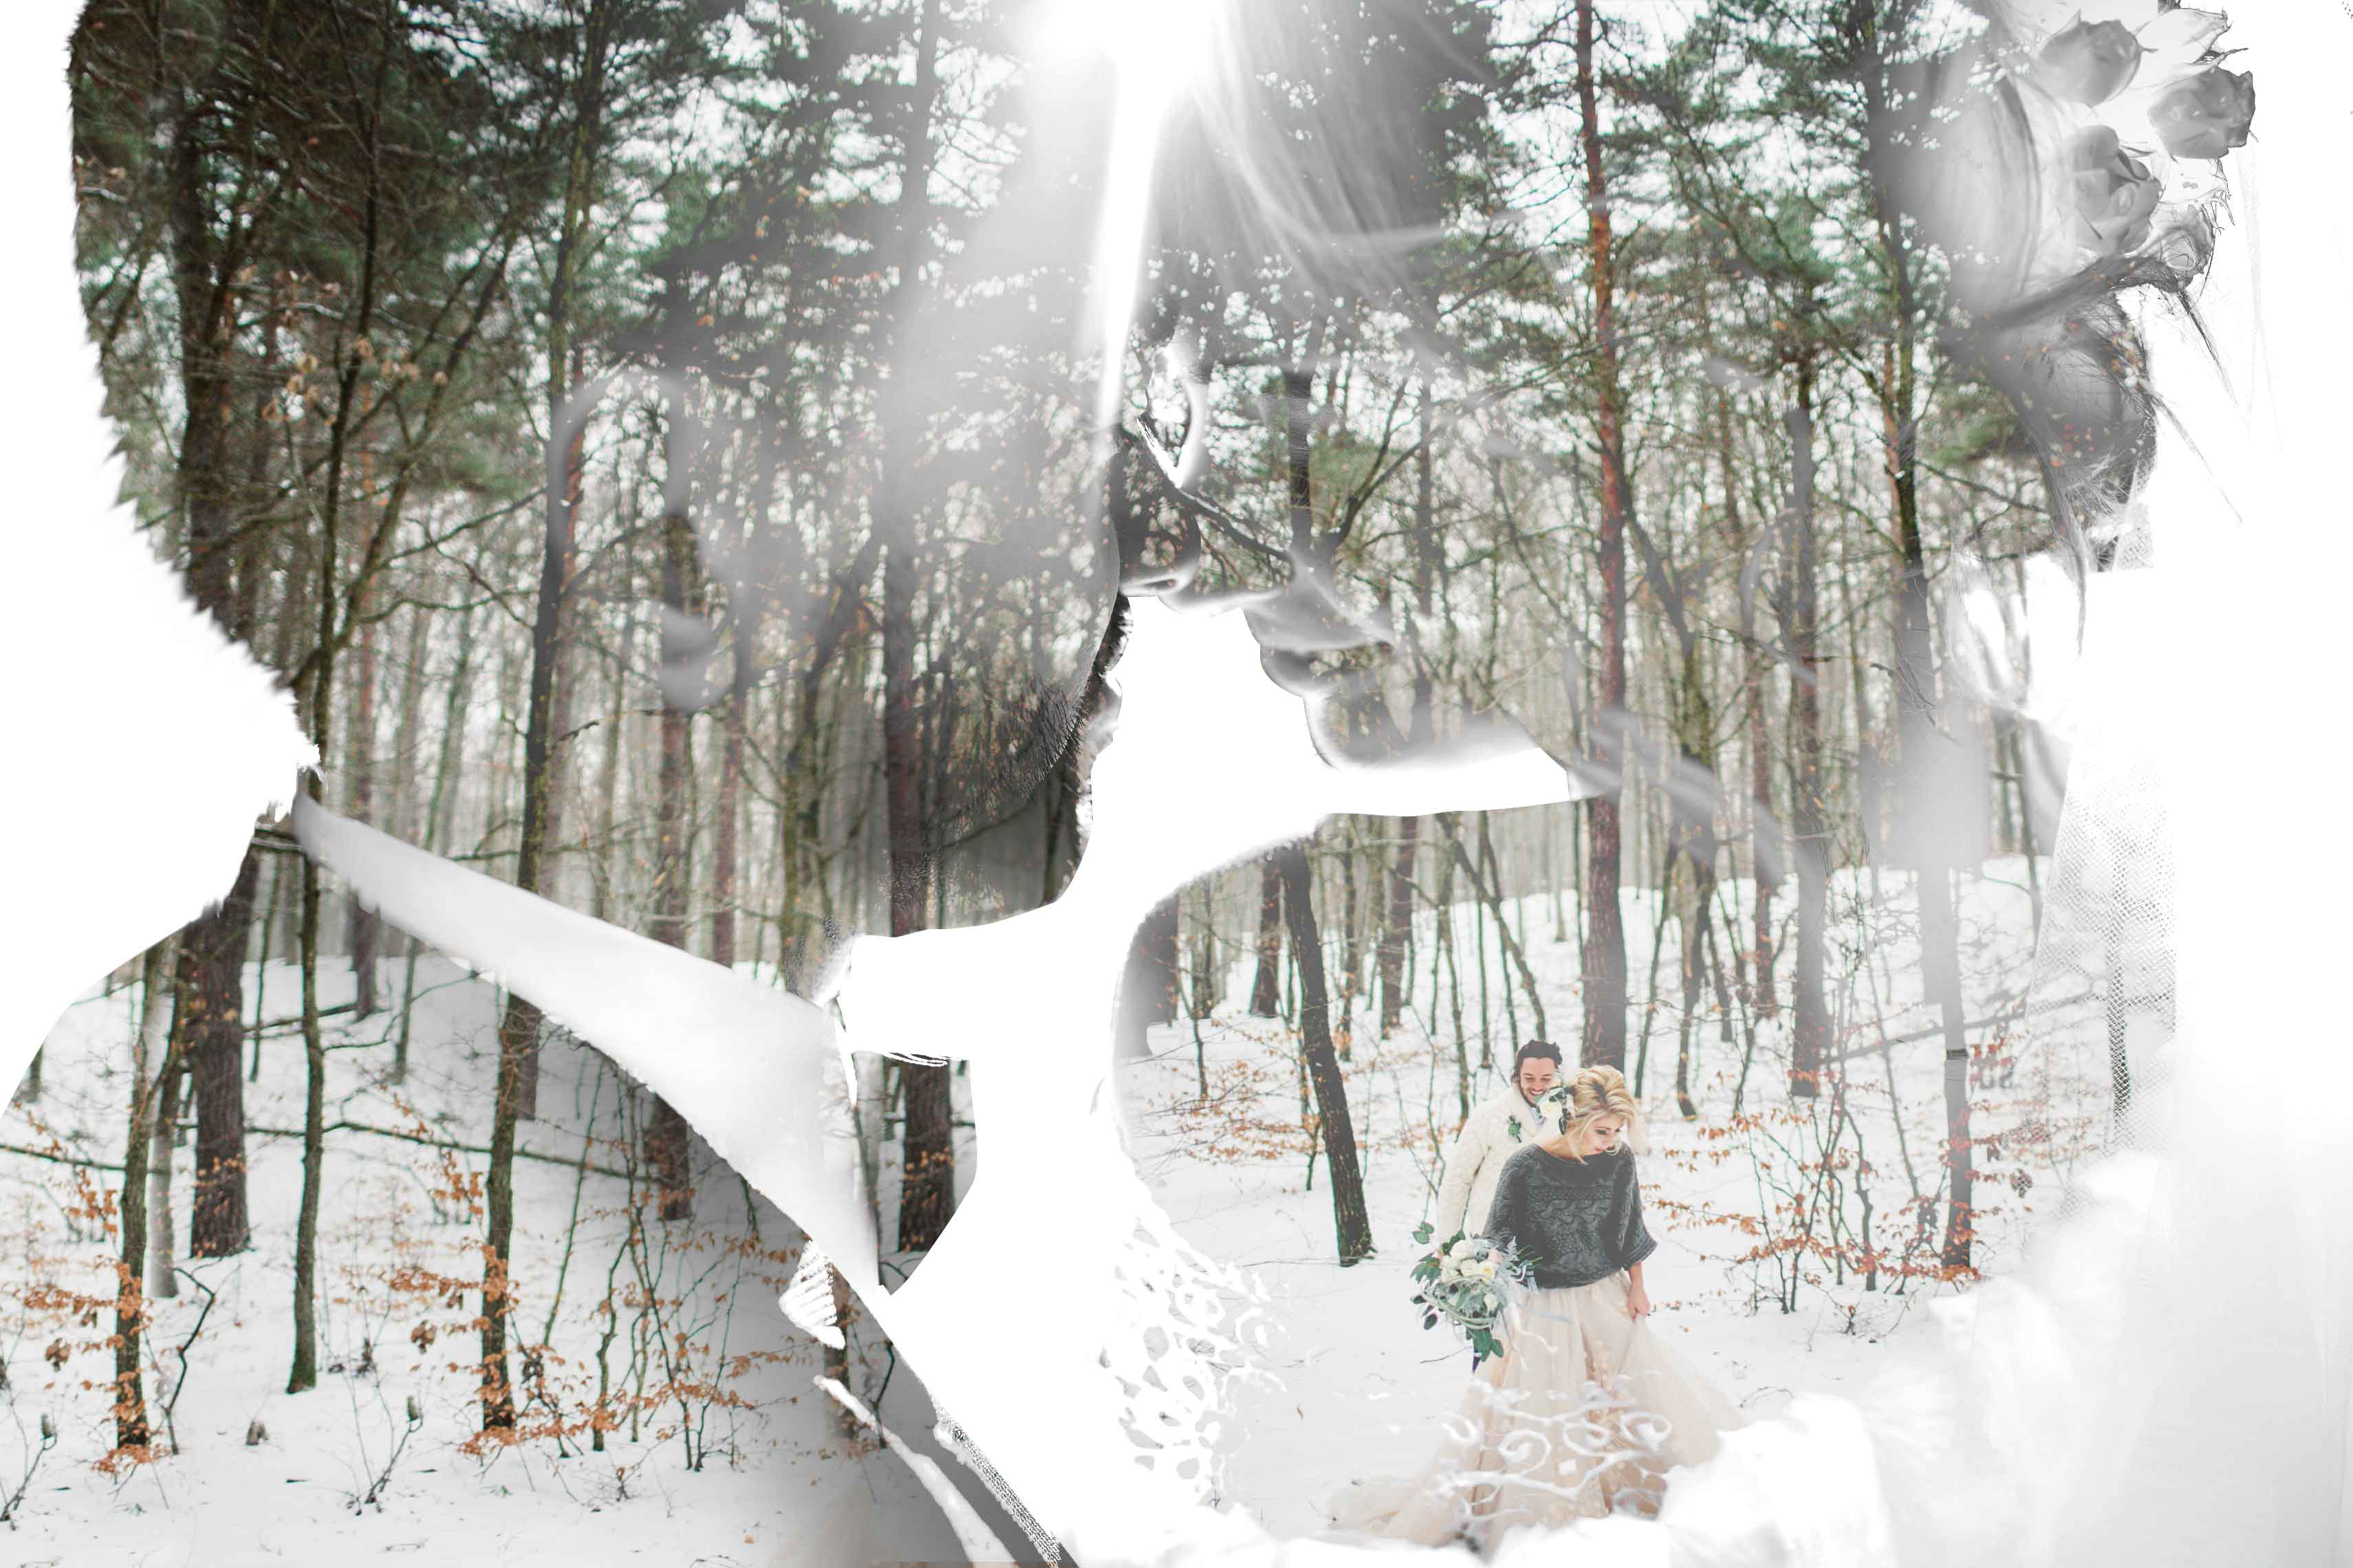 Br24 Composing: wedding photography happy couple merged with a snowy forest, double exposure / Hochzeitsfotografie von glücklichem Paar verbunden mit einer verschneiten Waldlandschaft, Doppelbelichtung